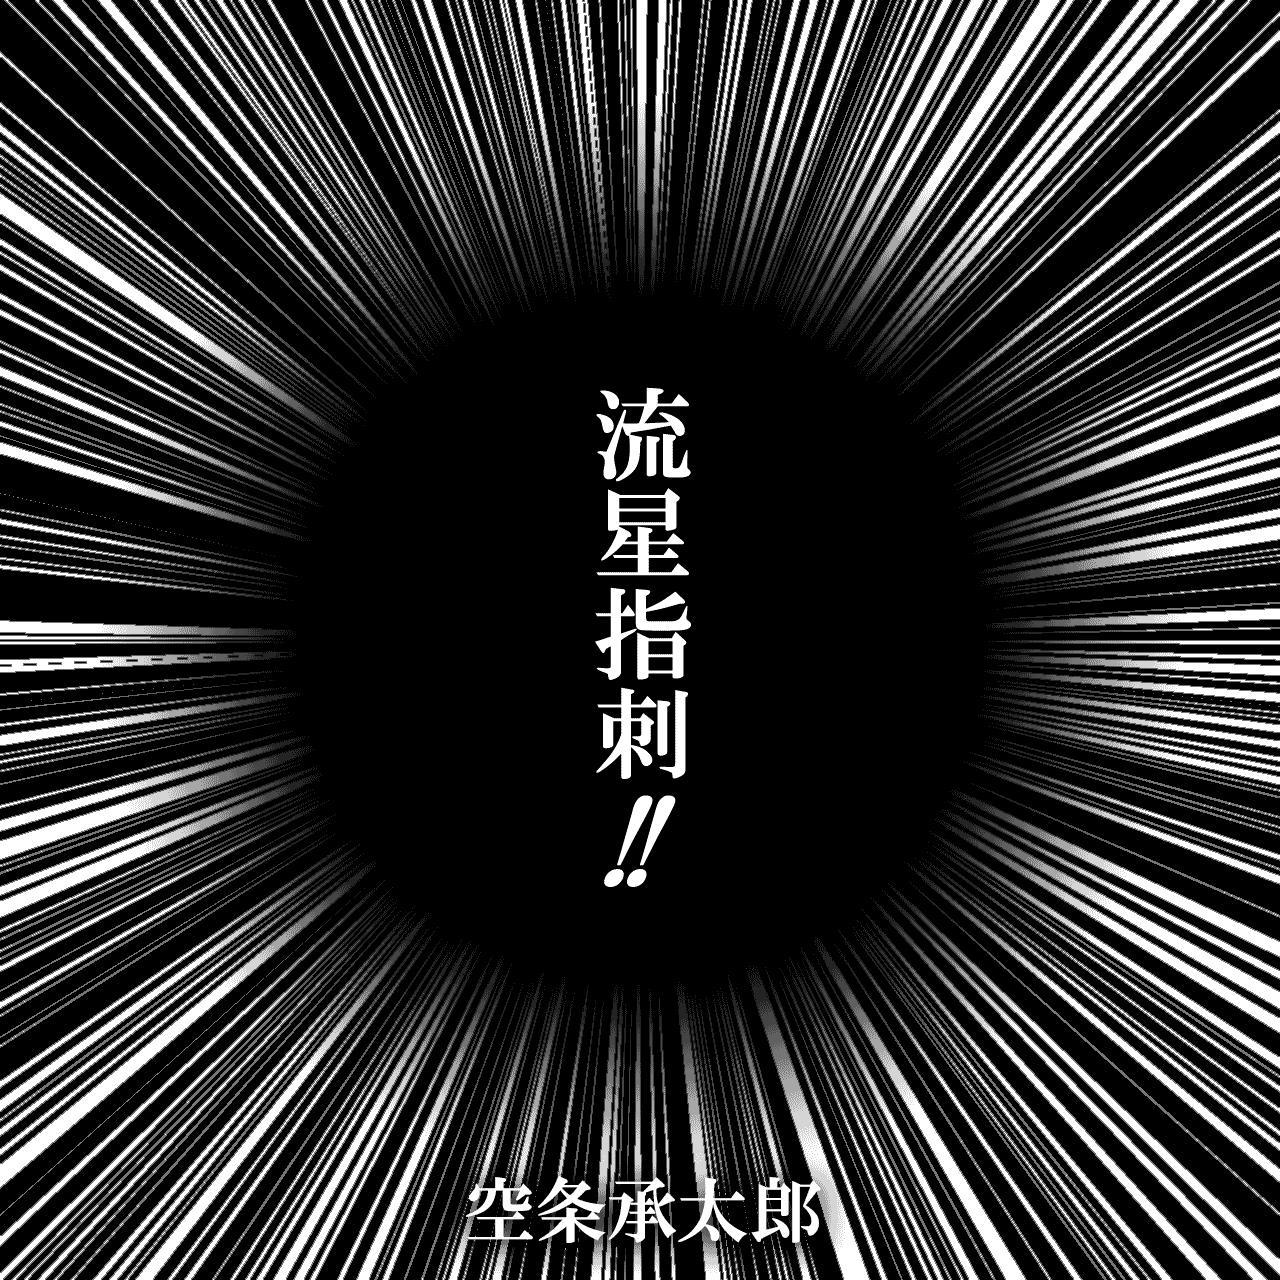 流星指刺!! (スターフィンガー)(引用元:ジョジョの奇妙な冒険 Part3 スターダストクルセイダース 『暗青の月(ダークブルームーン) その(3)』より)